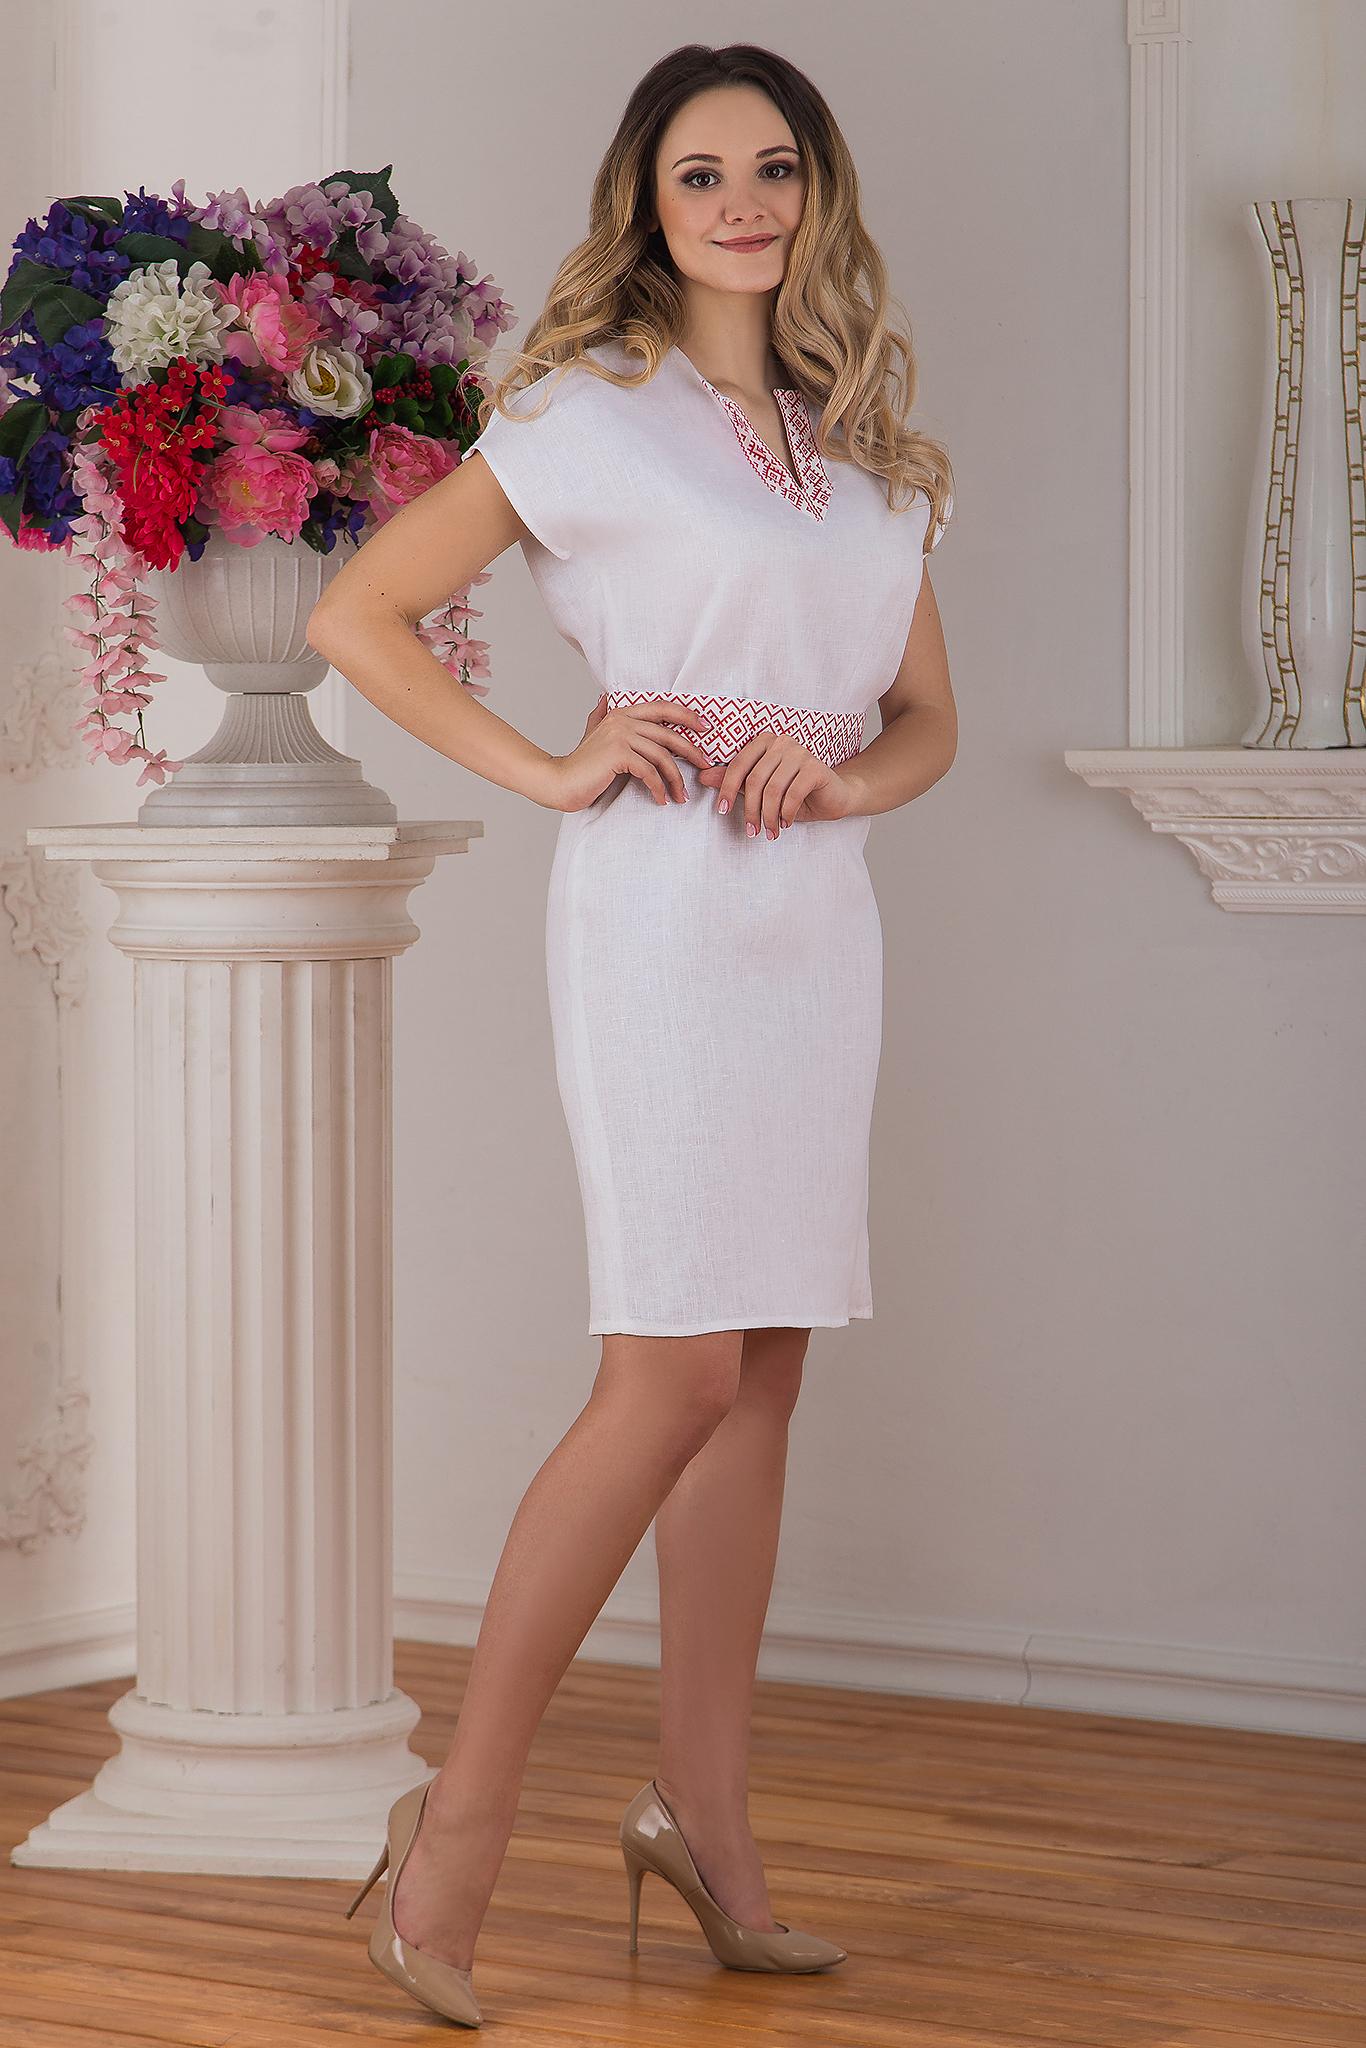 Платье льняное современное белое купить магазин Иванка вид сбоку